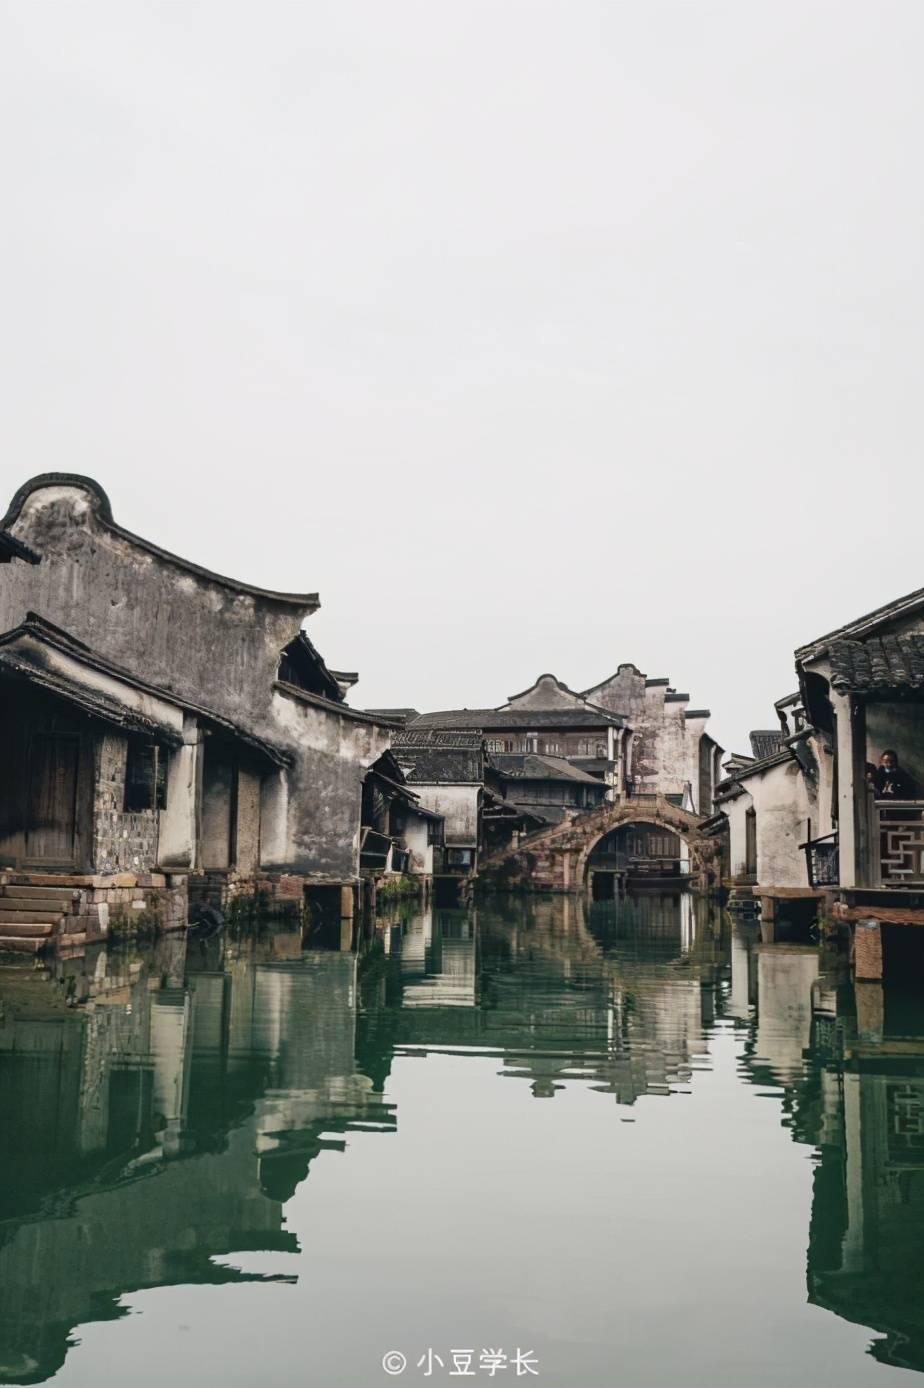 五一去哪儿玩?远离世俗的喧嚣,走进千年水乡—乌镇